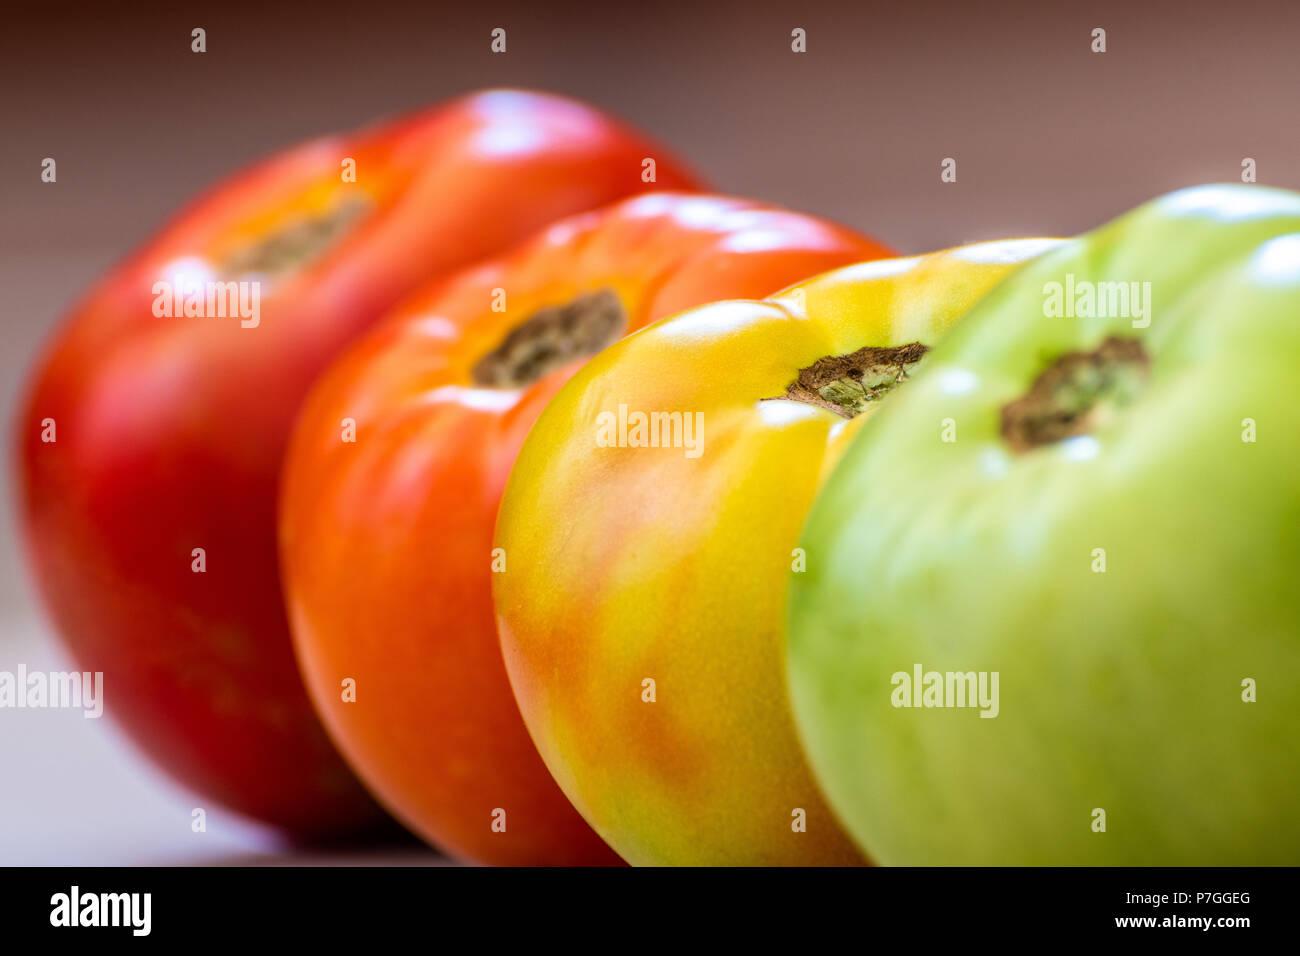 Les tomates à différents stades de maturation. Concept. L'accent est sur la transformation de la tomate. Étapes sont vert puis tourner puis s'allume en rouge puis en rouge. Photo Stock